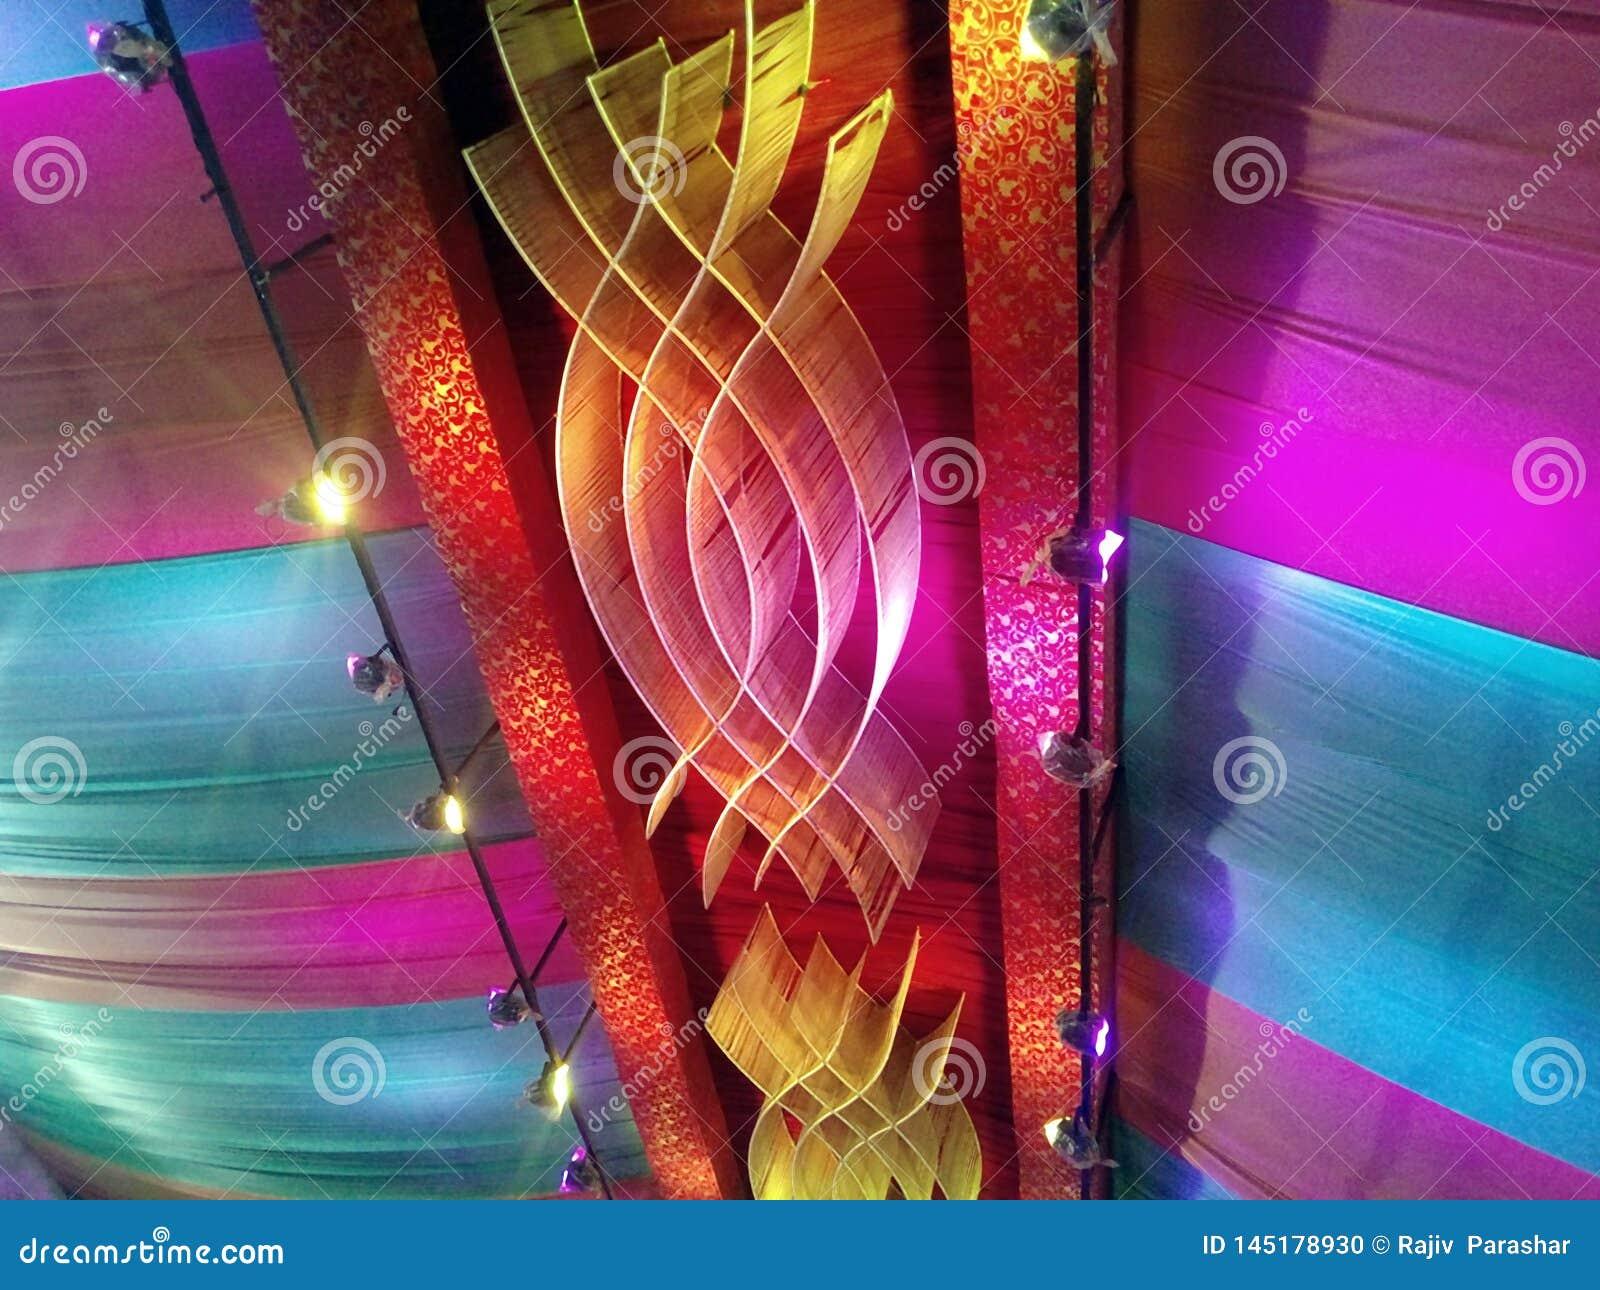 Esta é a imagem da decoração do casamento que nos muitos luz da cor usada